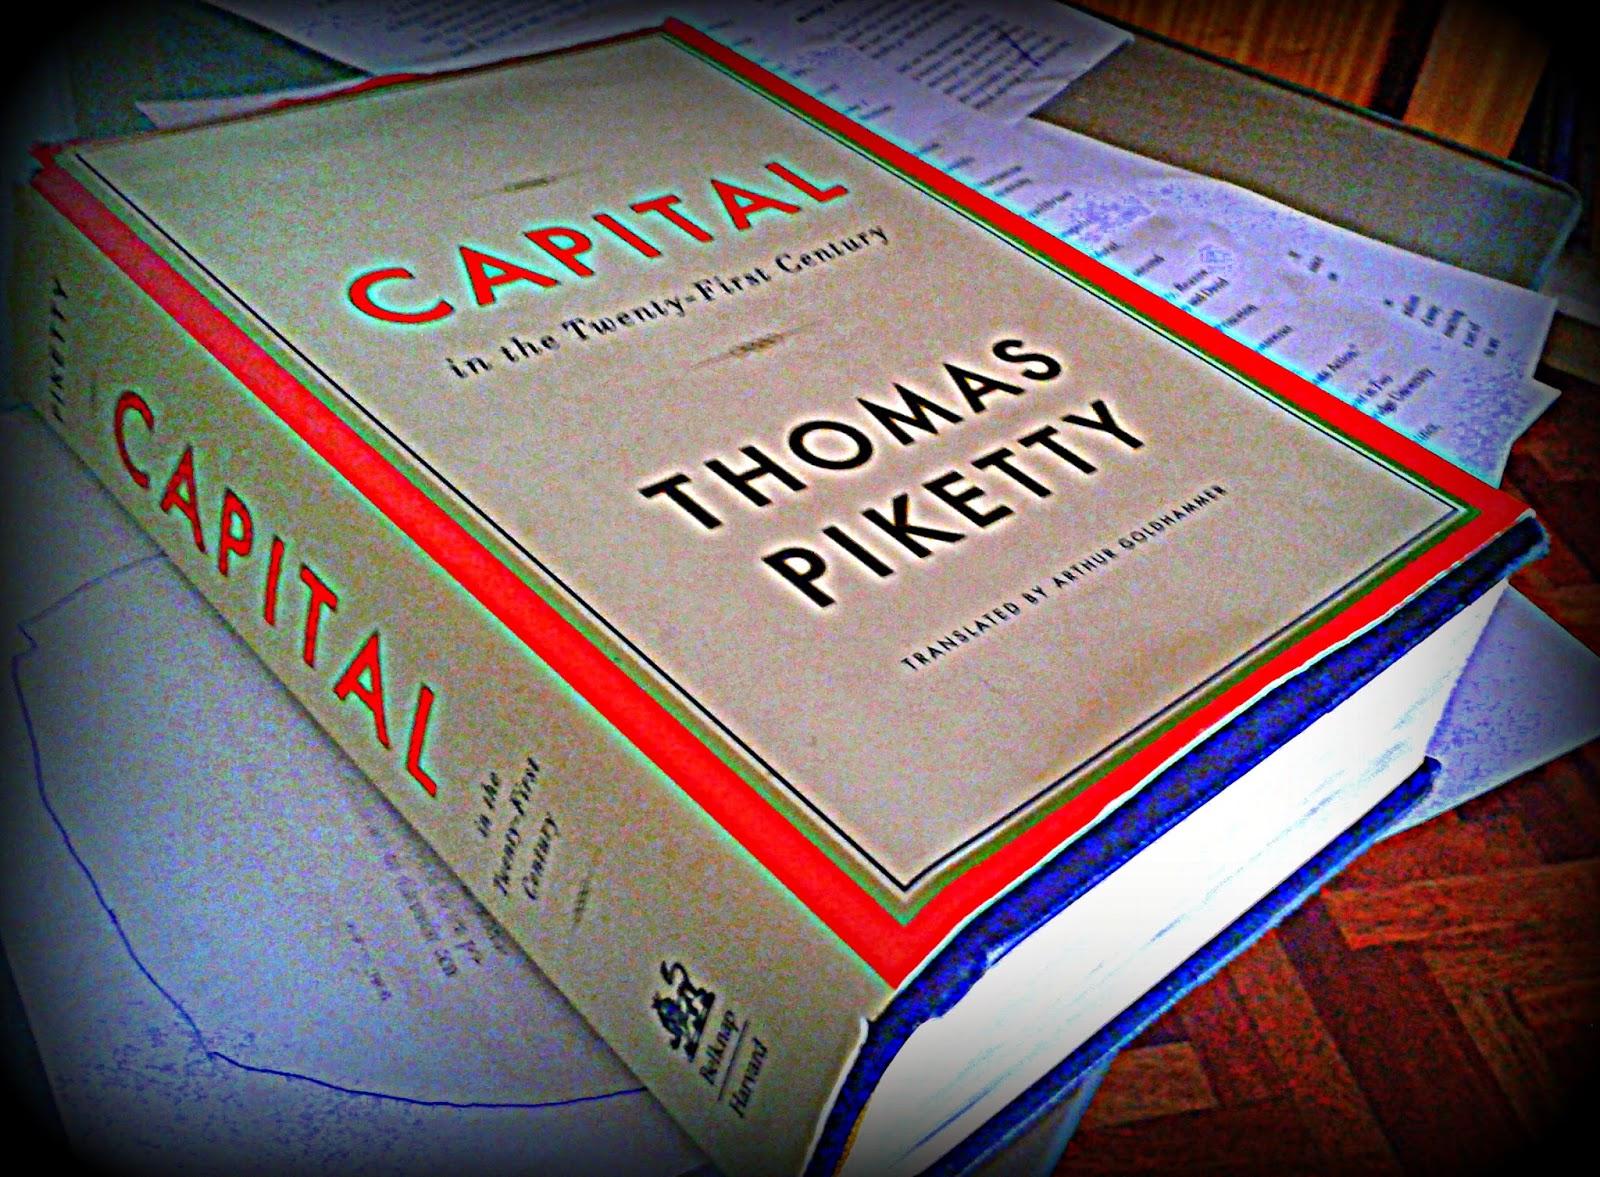 El libro Capital de Piketty comentado por el Canguro filósofo